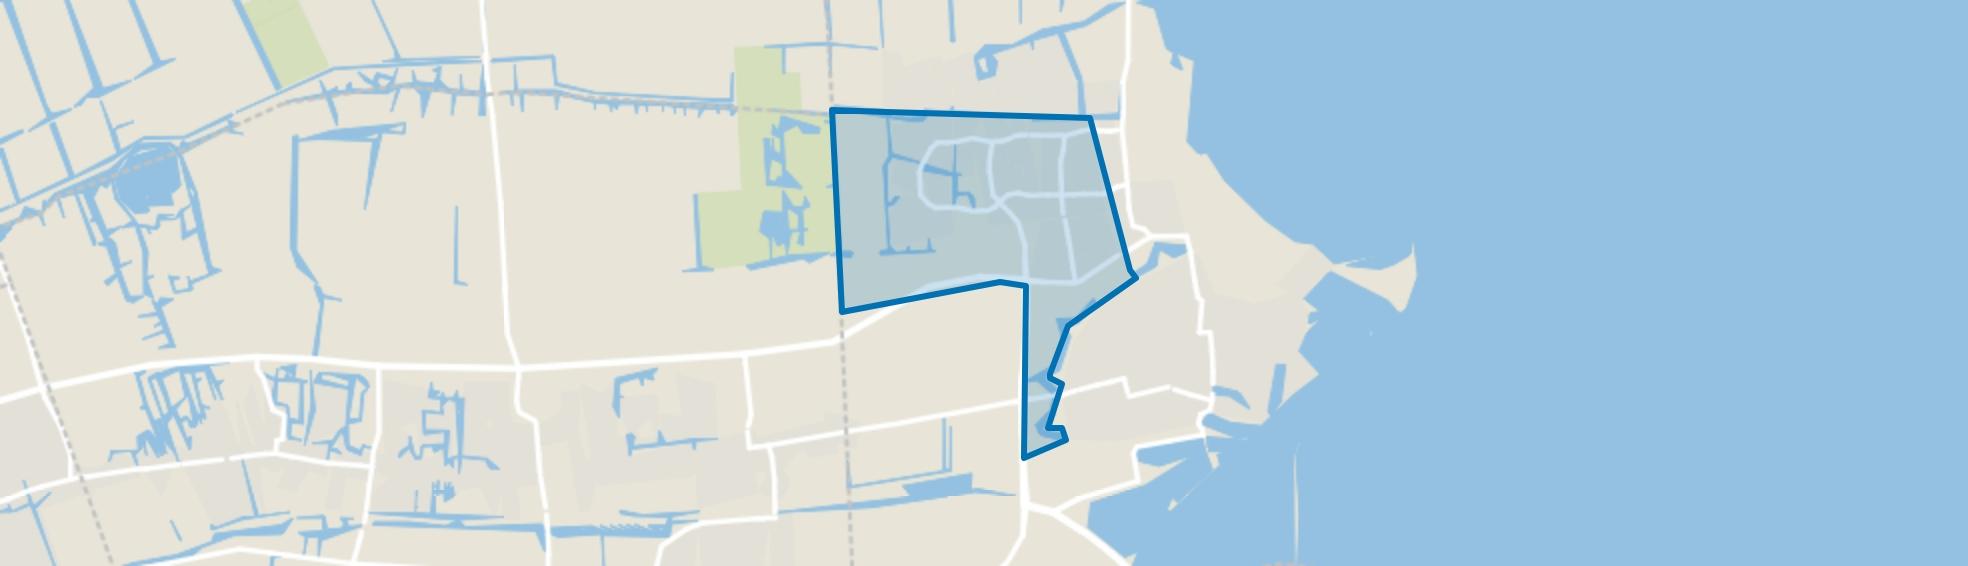 Oude Gouw-Gommerwijk, Enkhuizen map